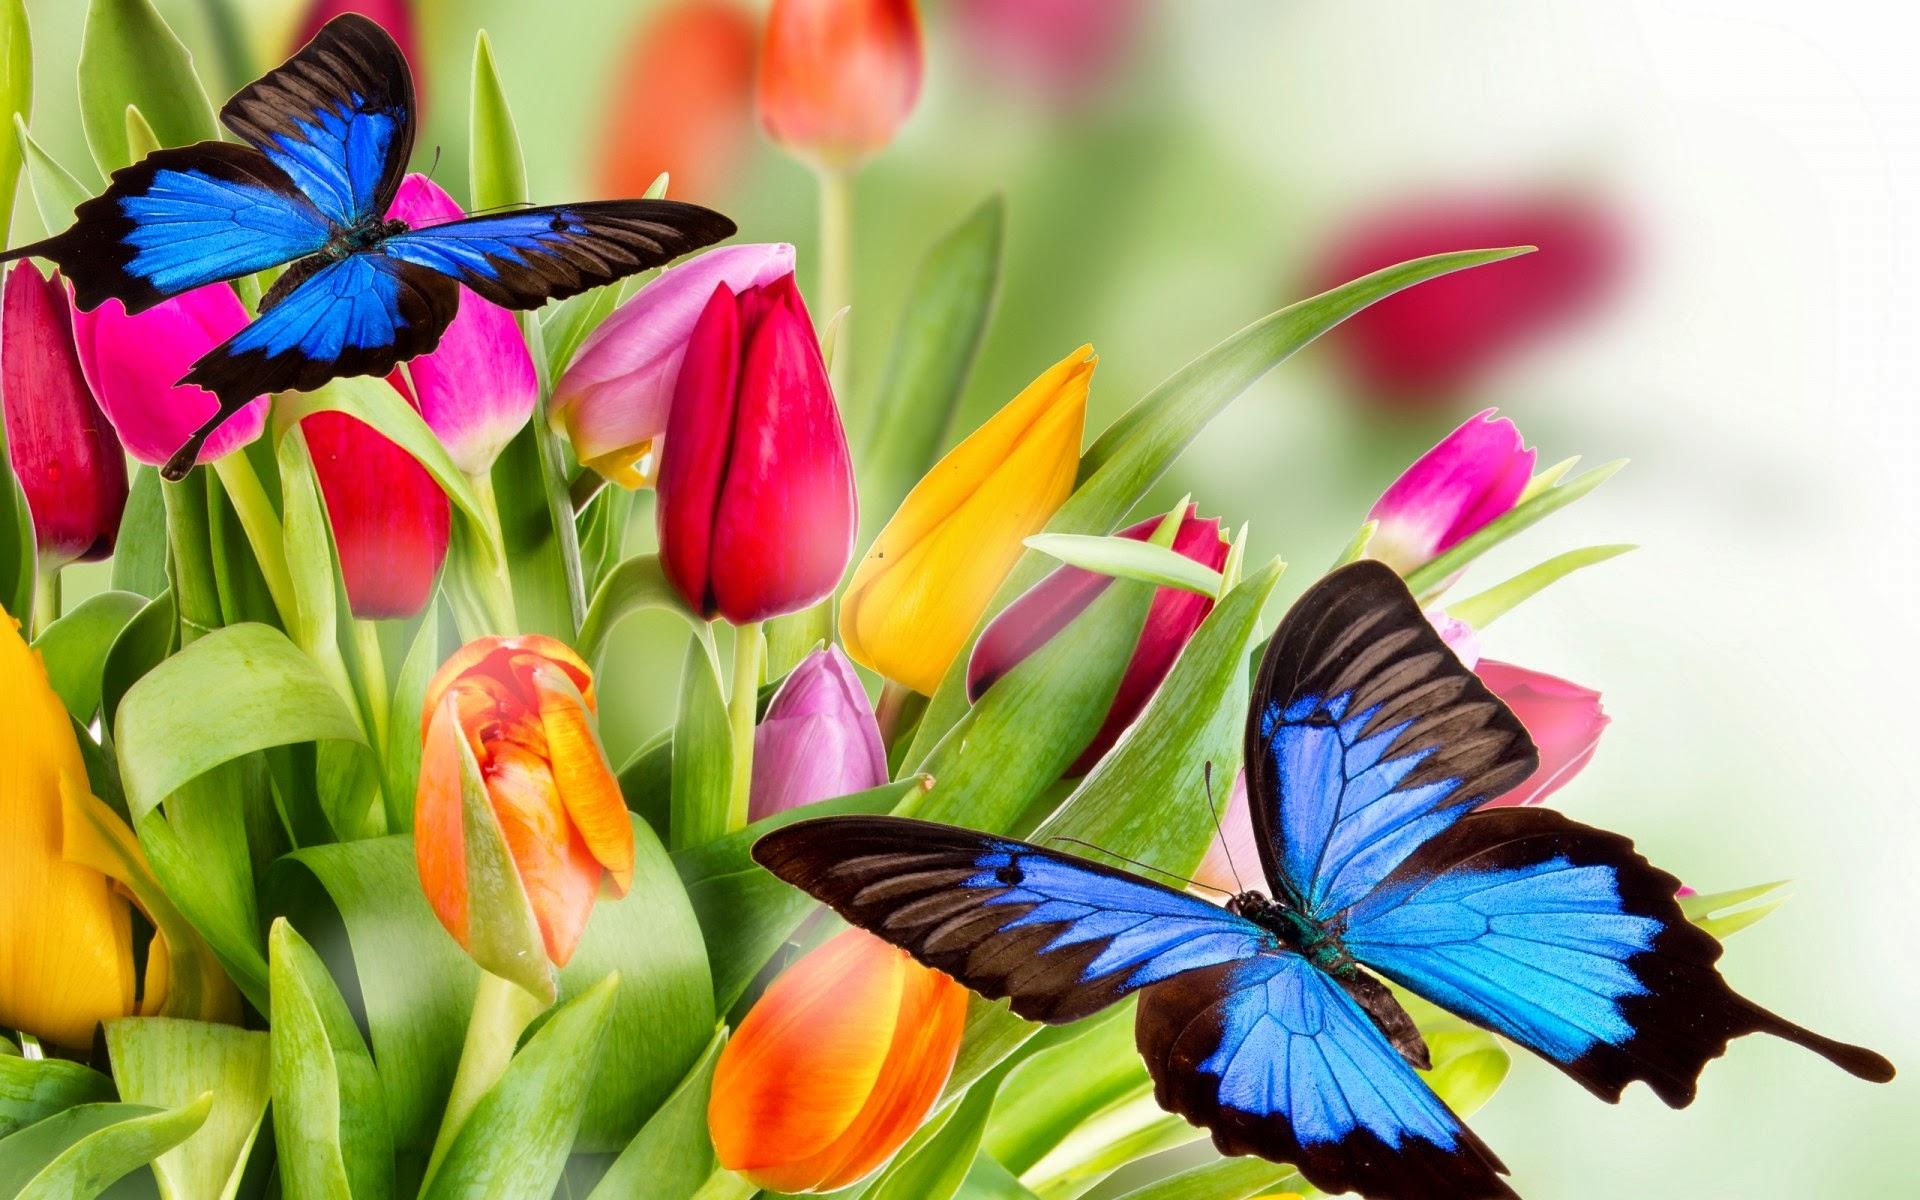 Imagenes de mariposas flores y colores auto design tech - Fotos de rosas de colores ...